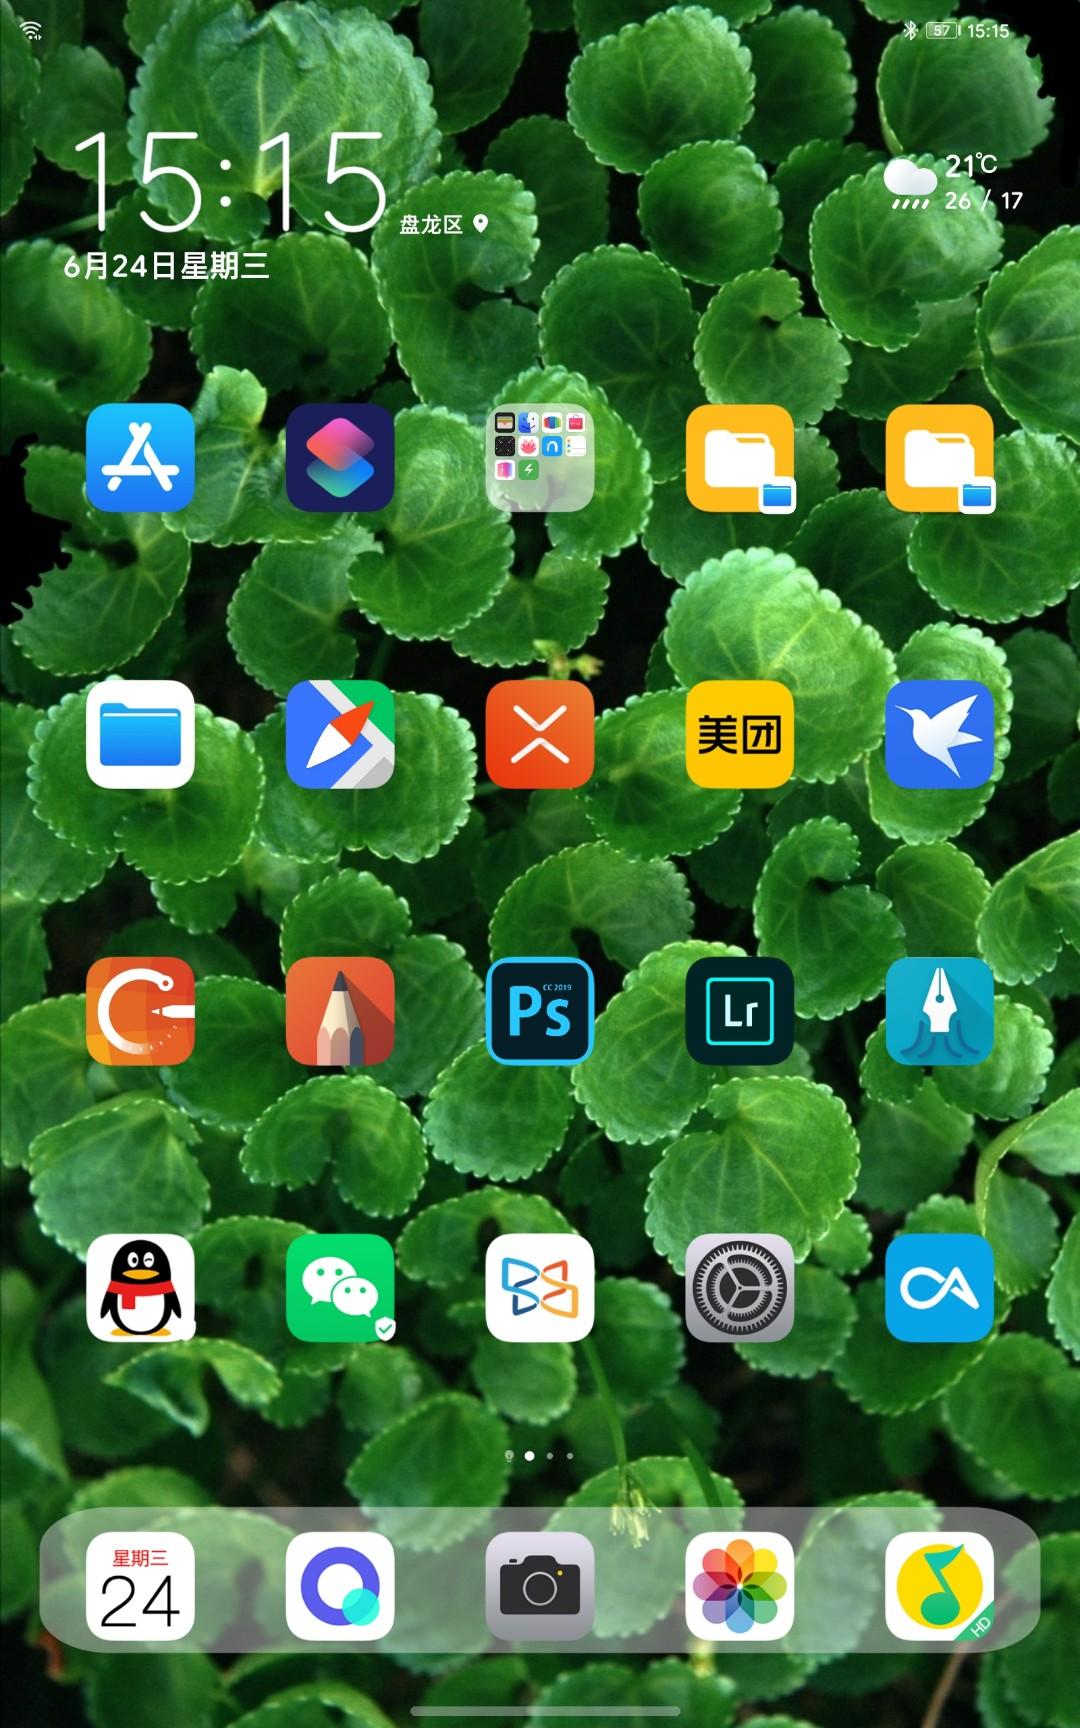 Screenshot_20200624_151544_com.huawei.android.launcher.jpg